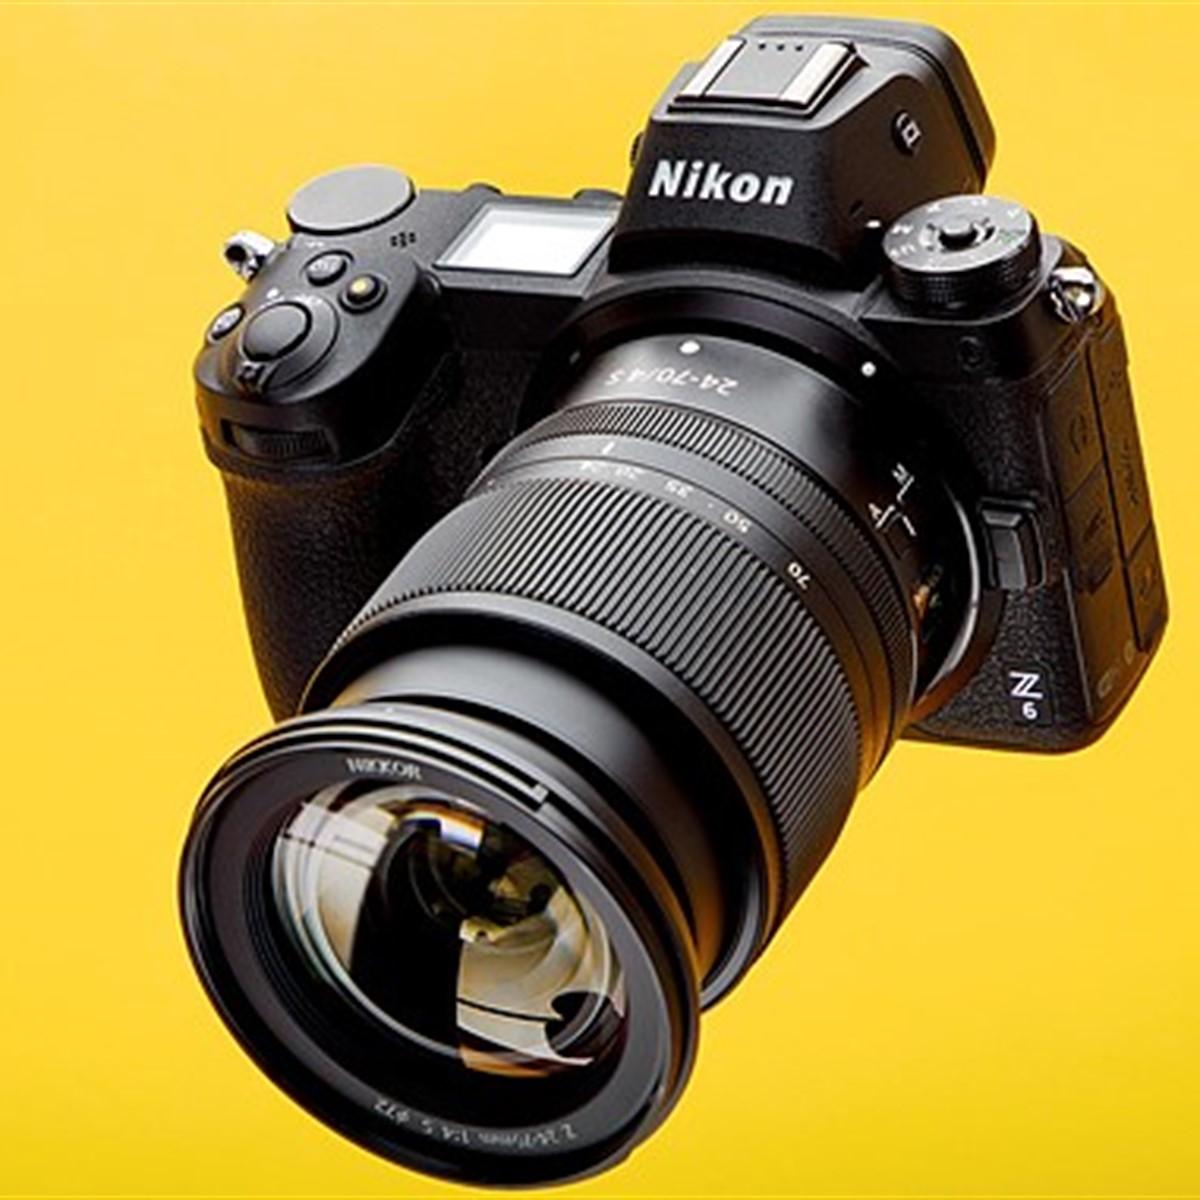 Analysis: With new AF firmware, Nikon's Z6 & Z7 just got